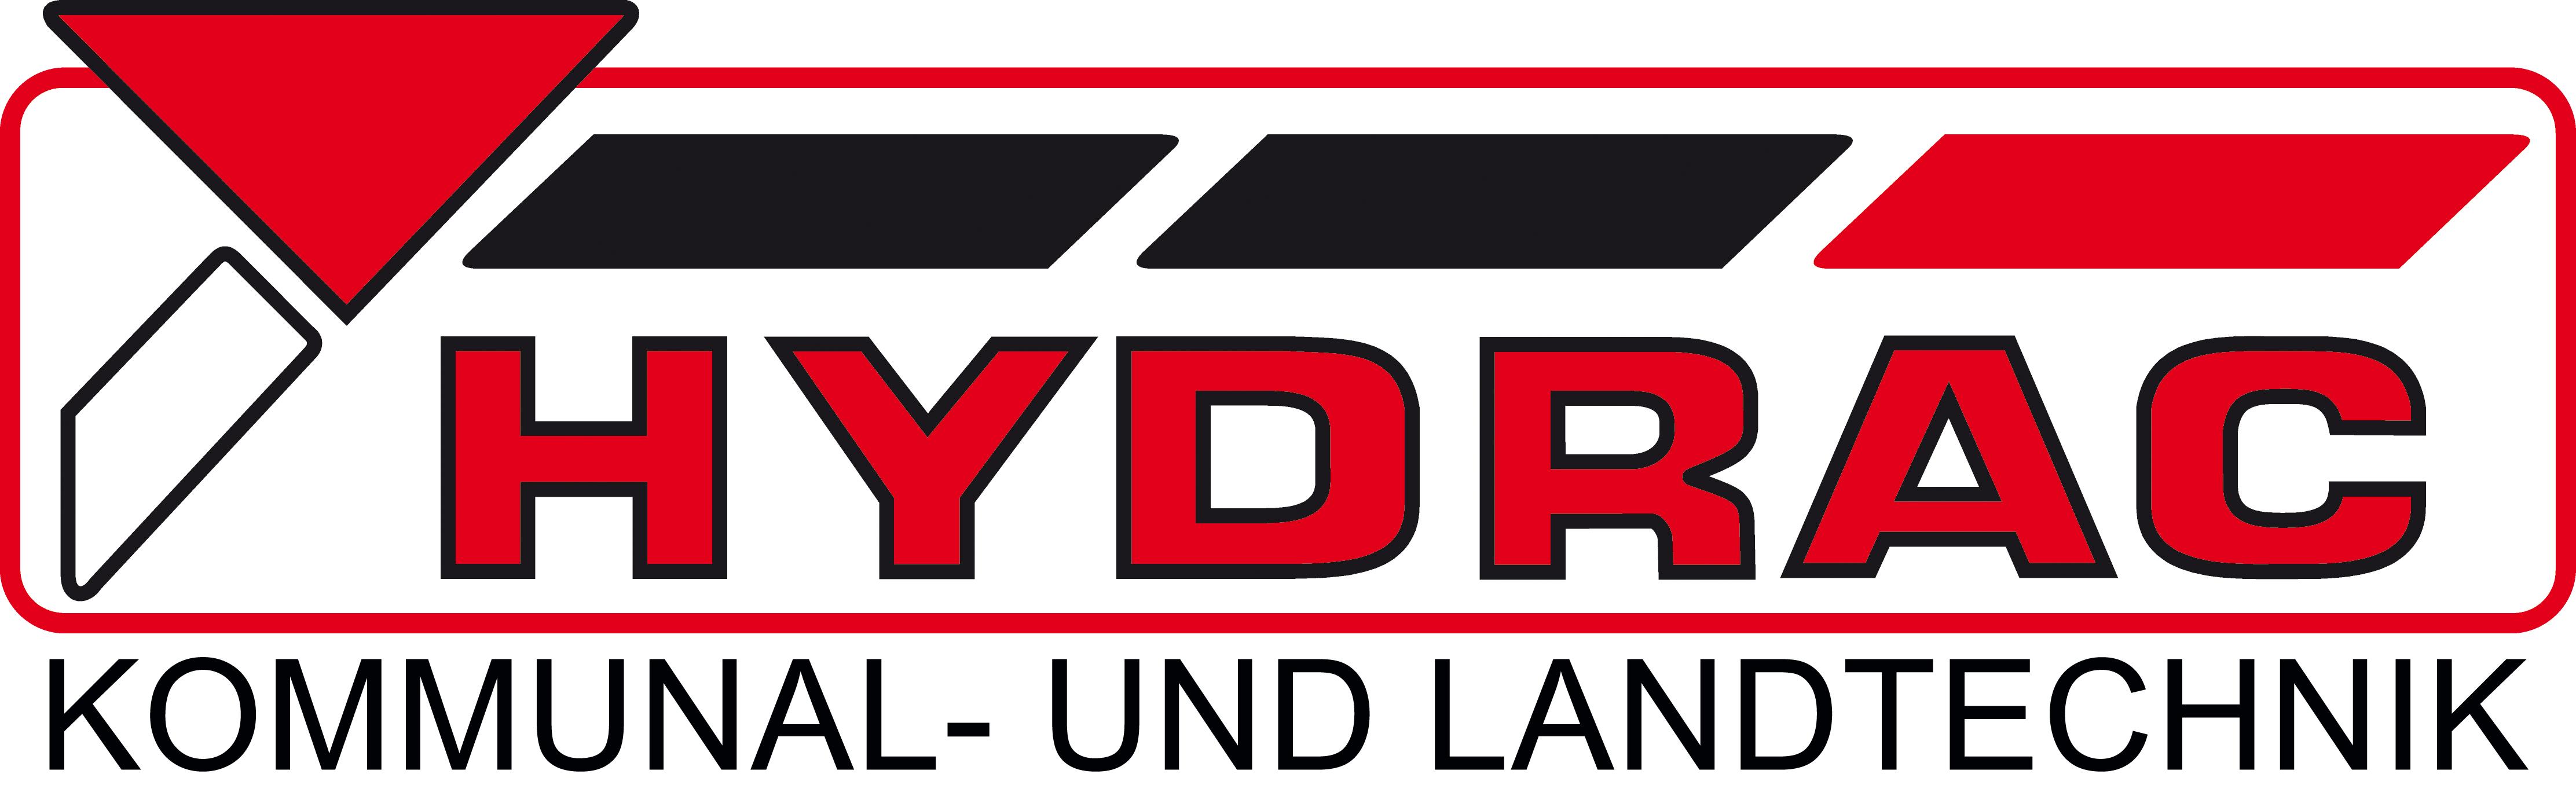 HYDRAC